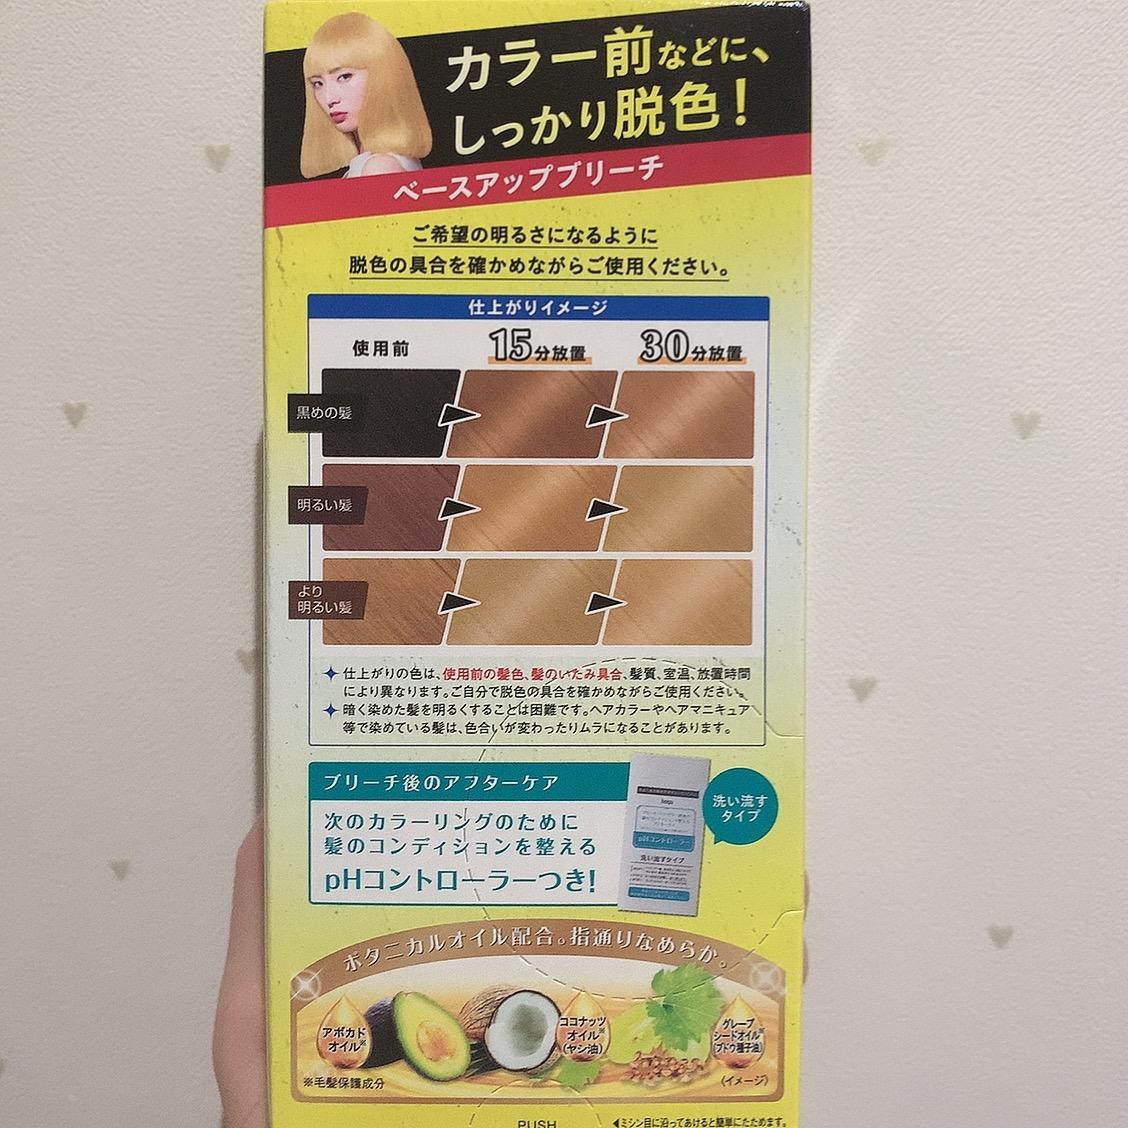 hoyu(ホーユー)ビューティーン ベースアップブリーチを使ったあやかさんのクチコミ画像1